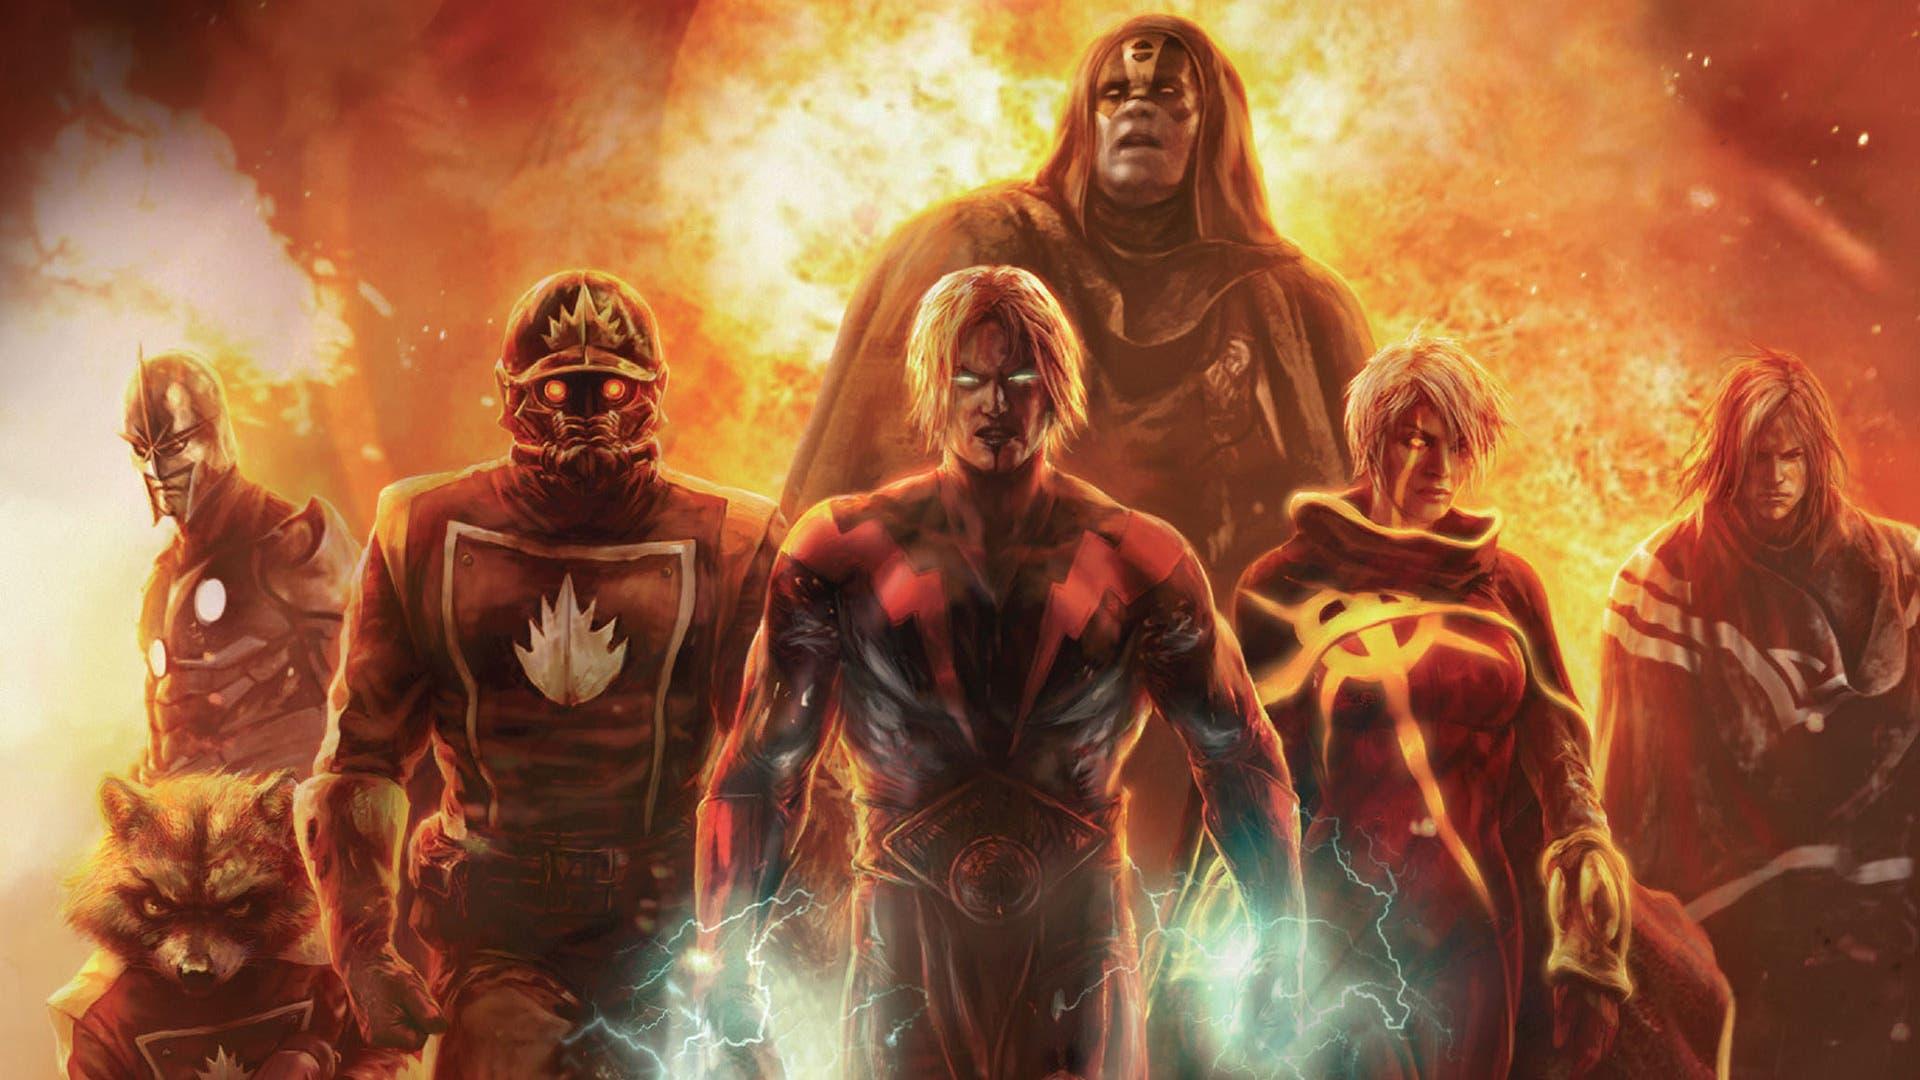 teoria-spoilers-guardianes-de-la-galaxia-2-adam-warlock-gema-alma